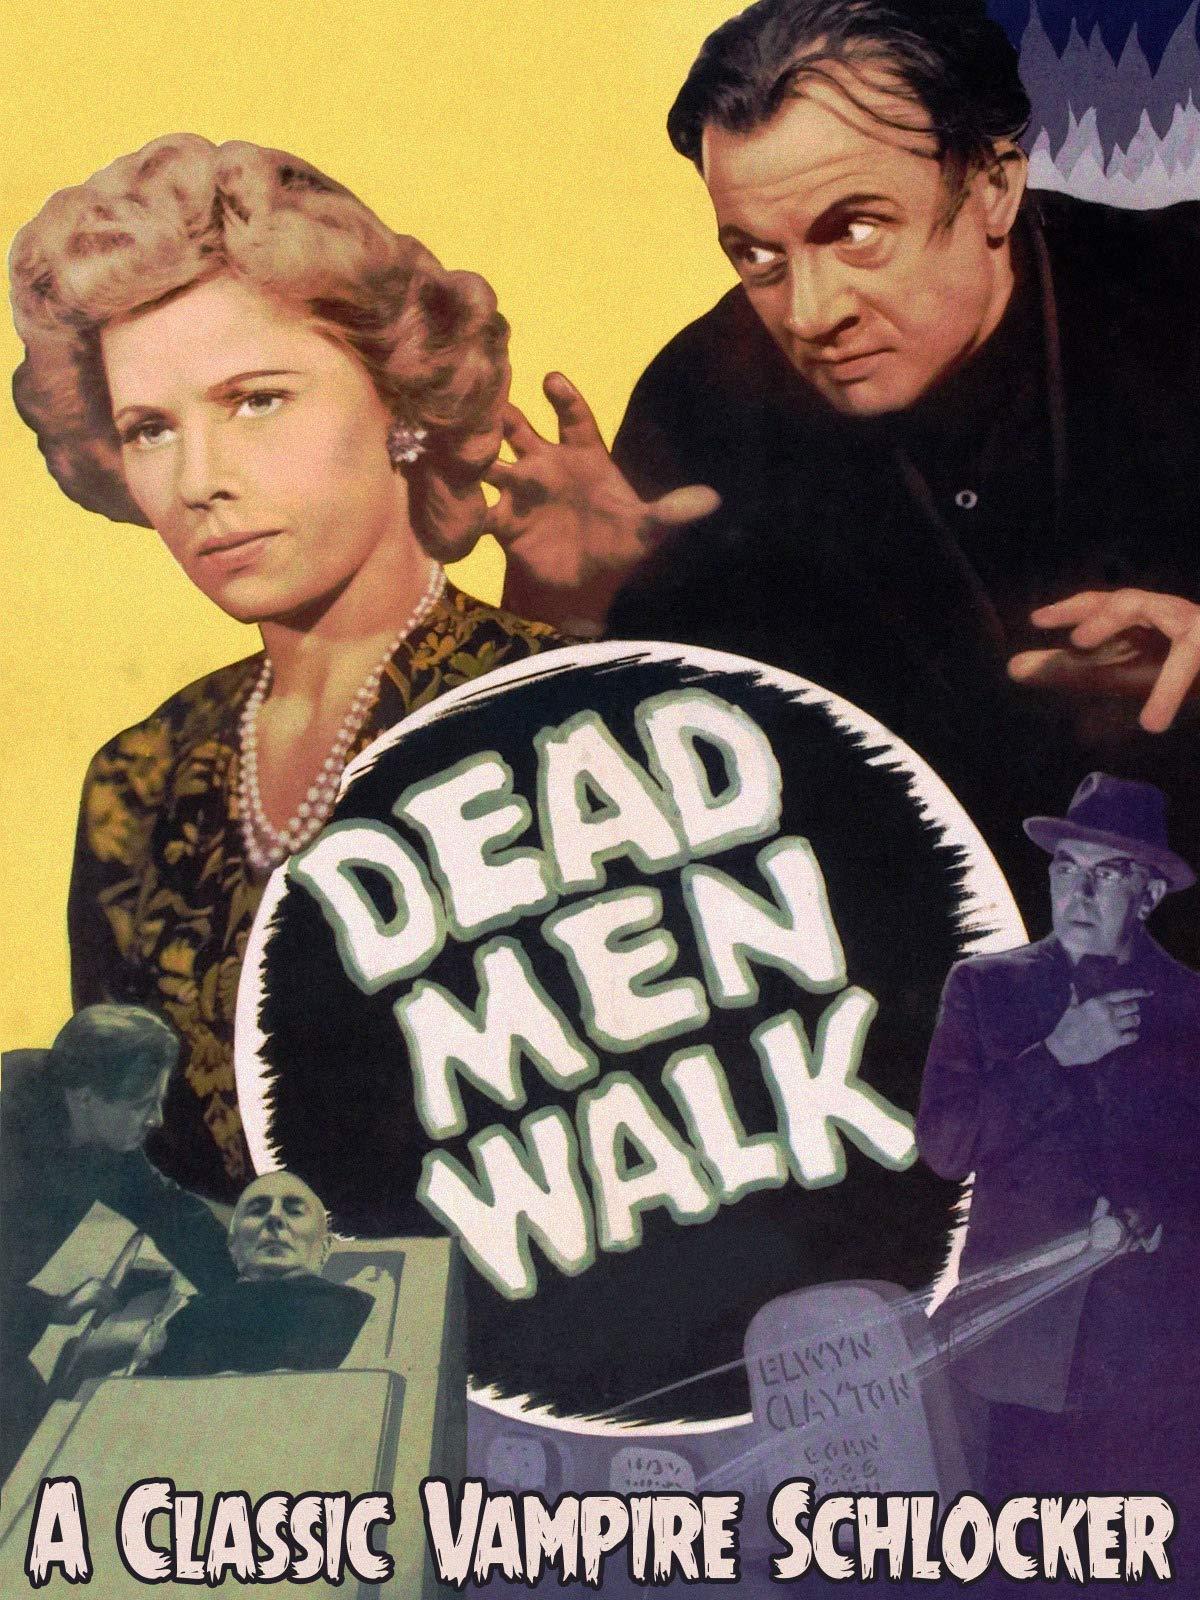 Dead Men Walk - A Classic Vampire Schlocker